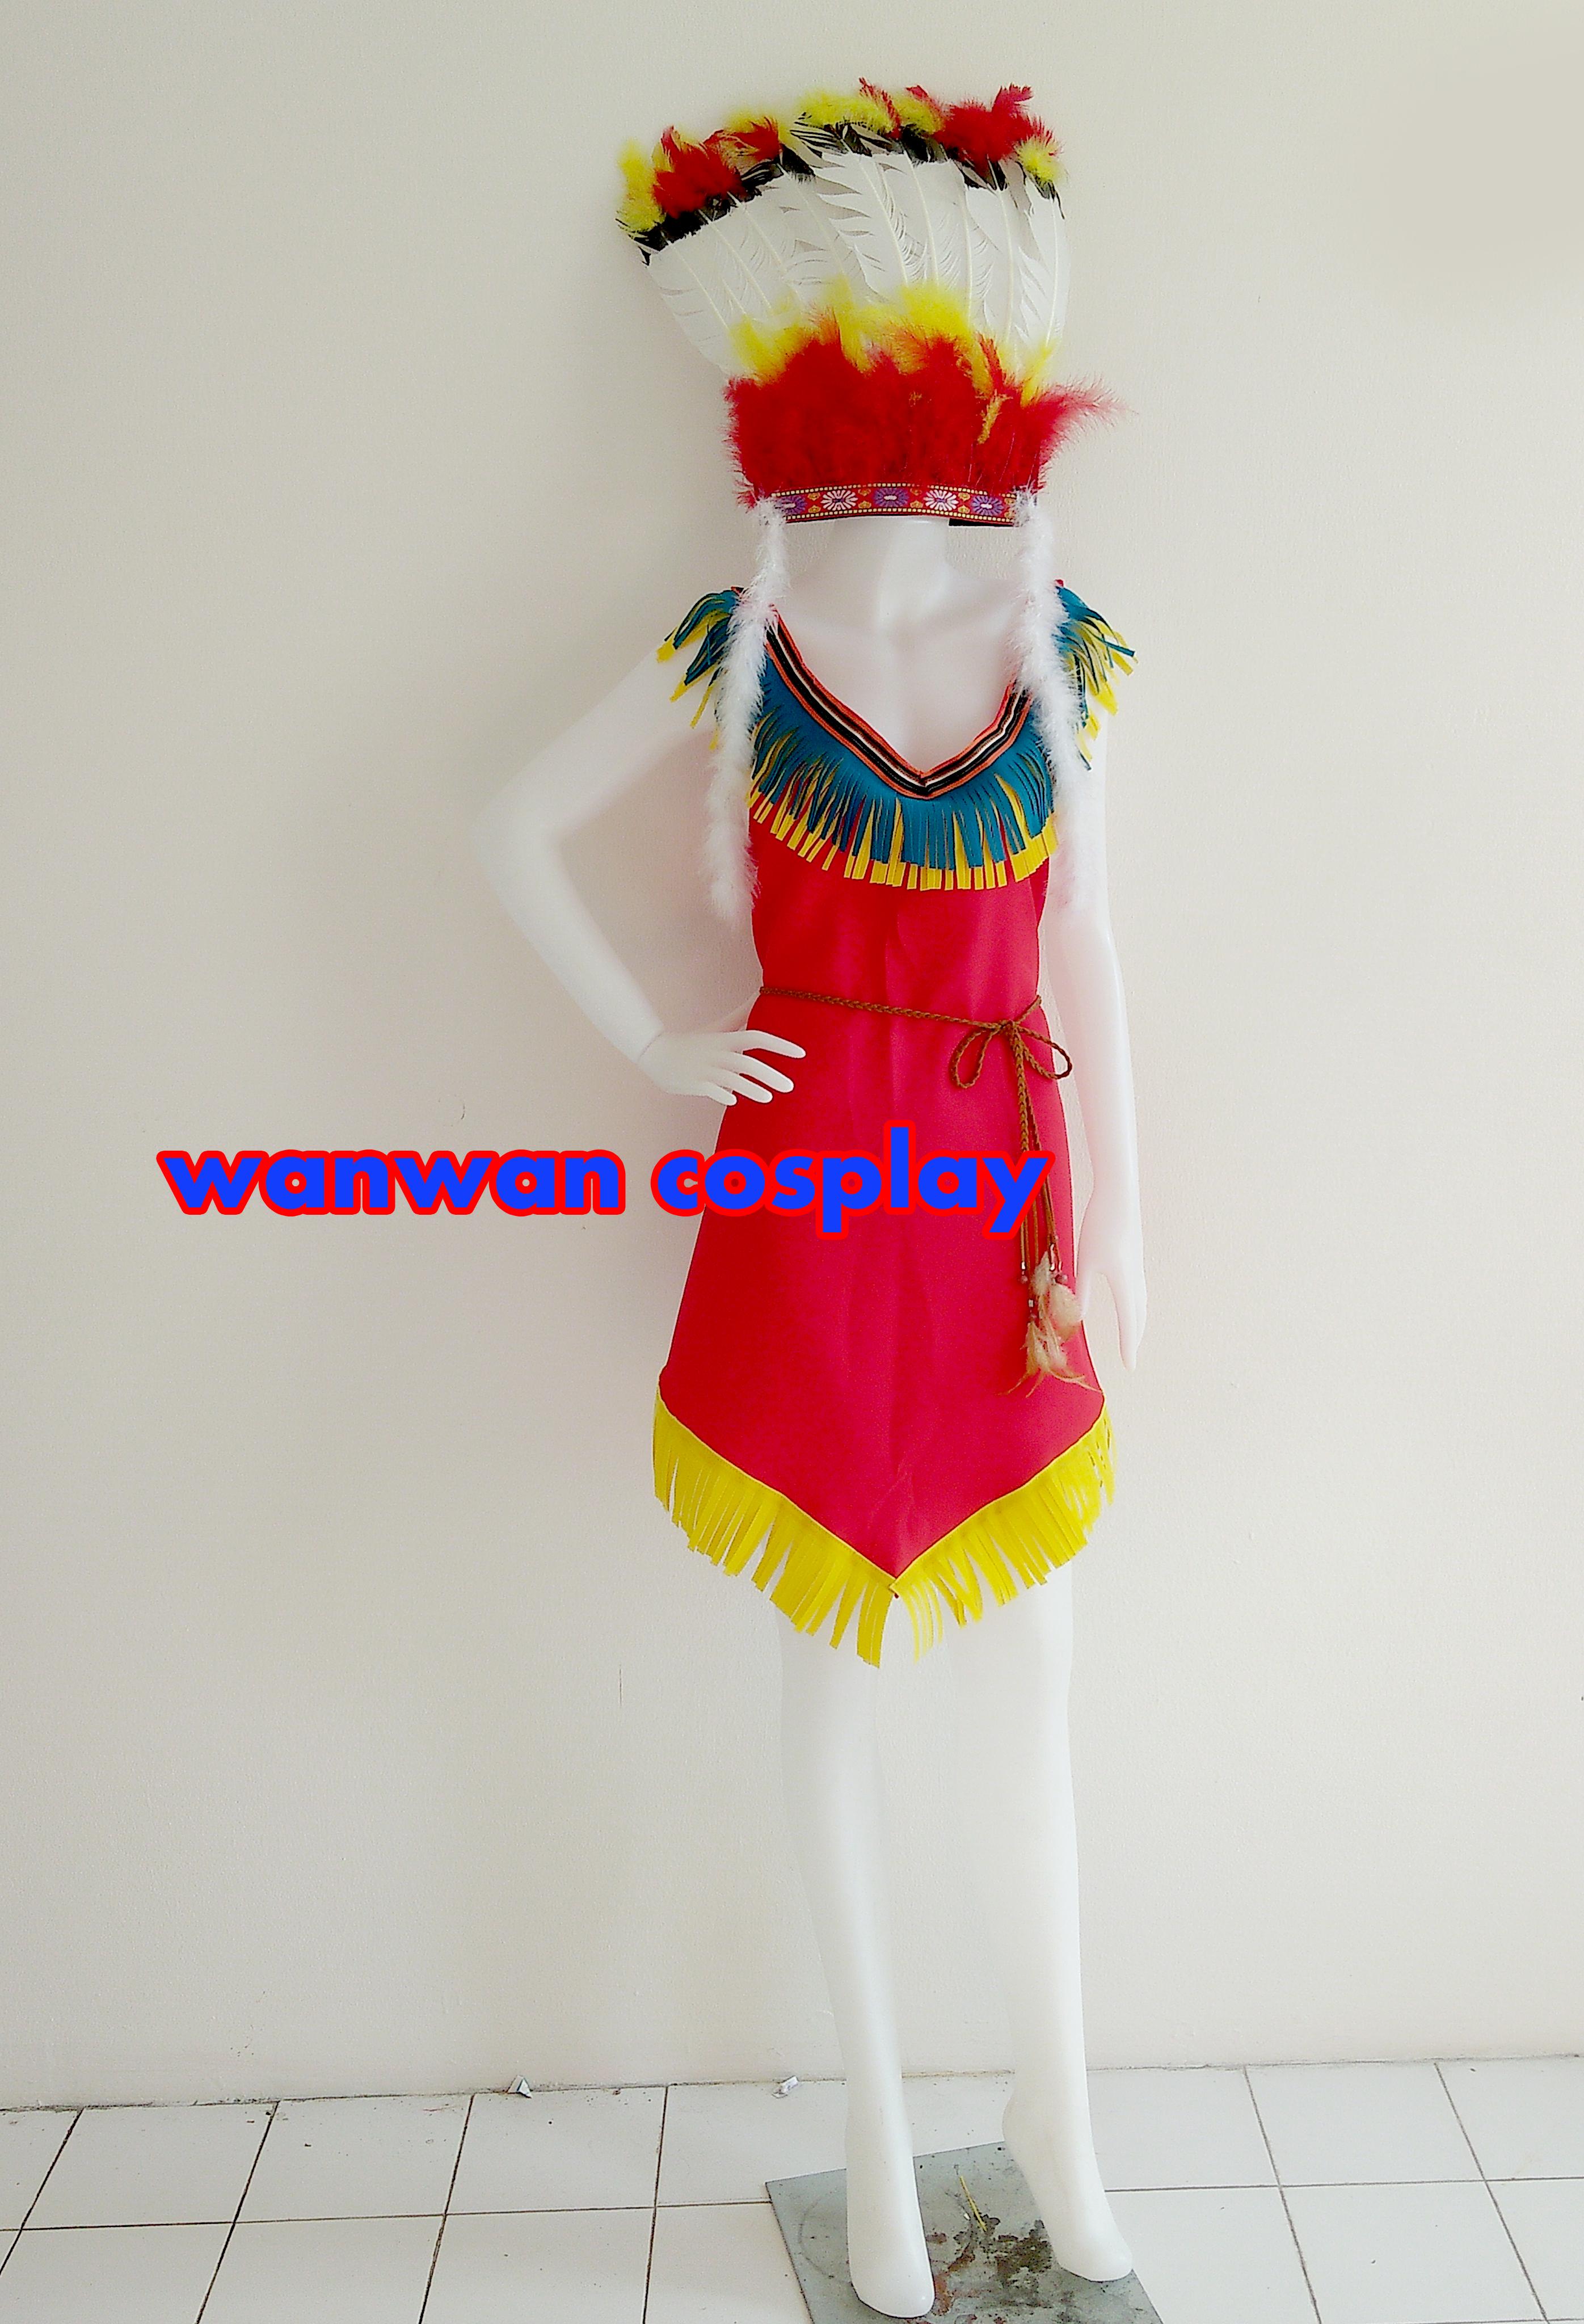 เช่าชุดอินเดียแดง ชุดคนป่า ชุดธีมโบฮีเมี่ยน ชุดธีม JUNGLE ชุดคาวบอย ชุดมนุษย์หินฟริ้นสโตน Flintstone 094-920-9400,094-920-9402